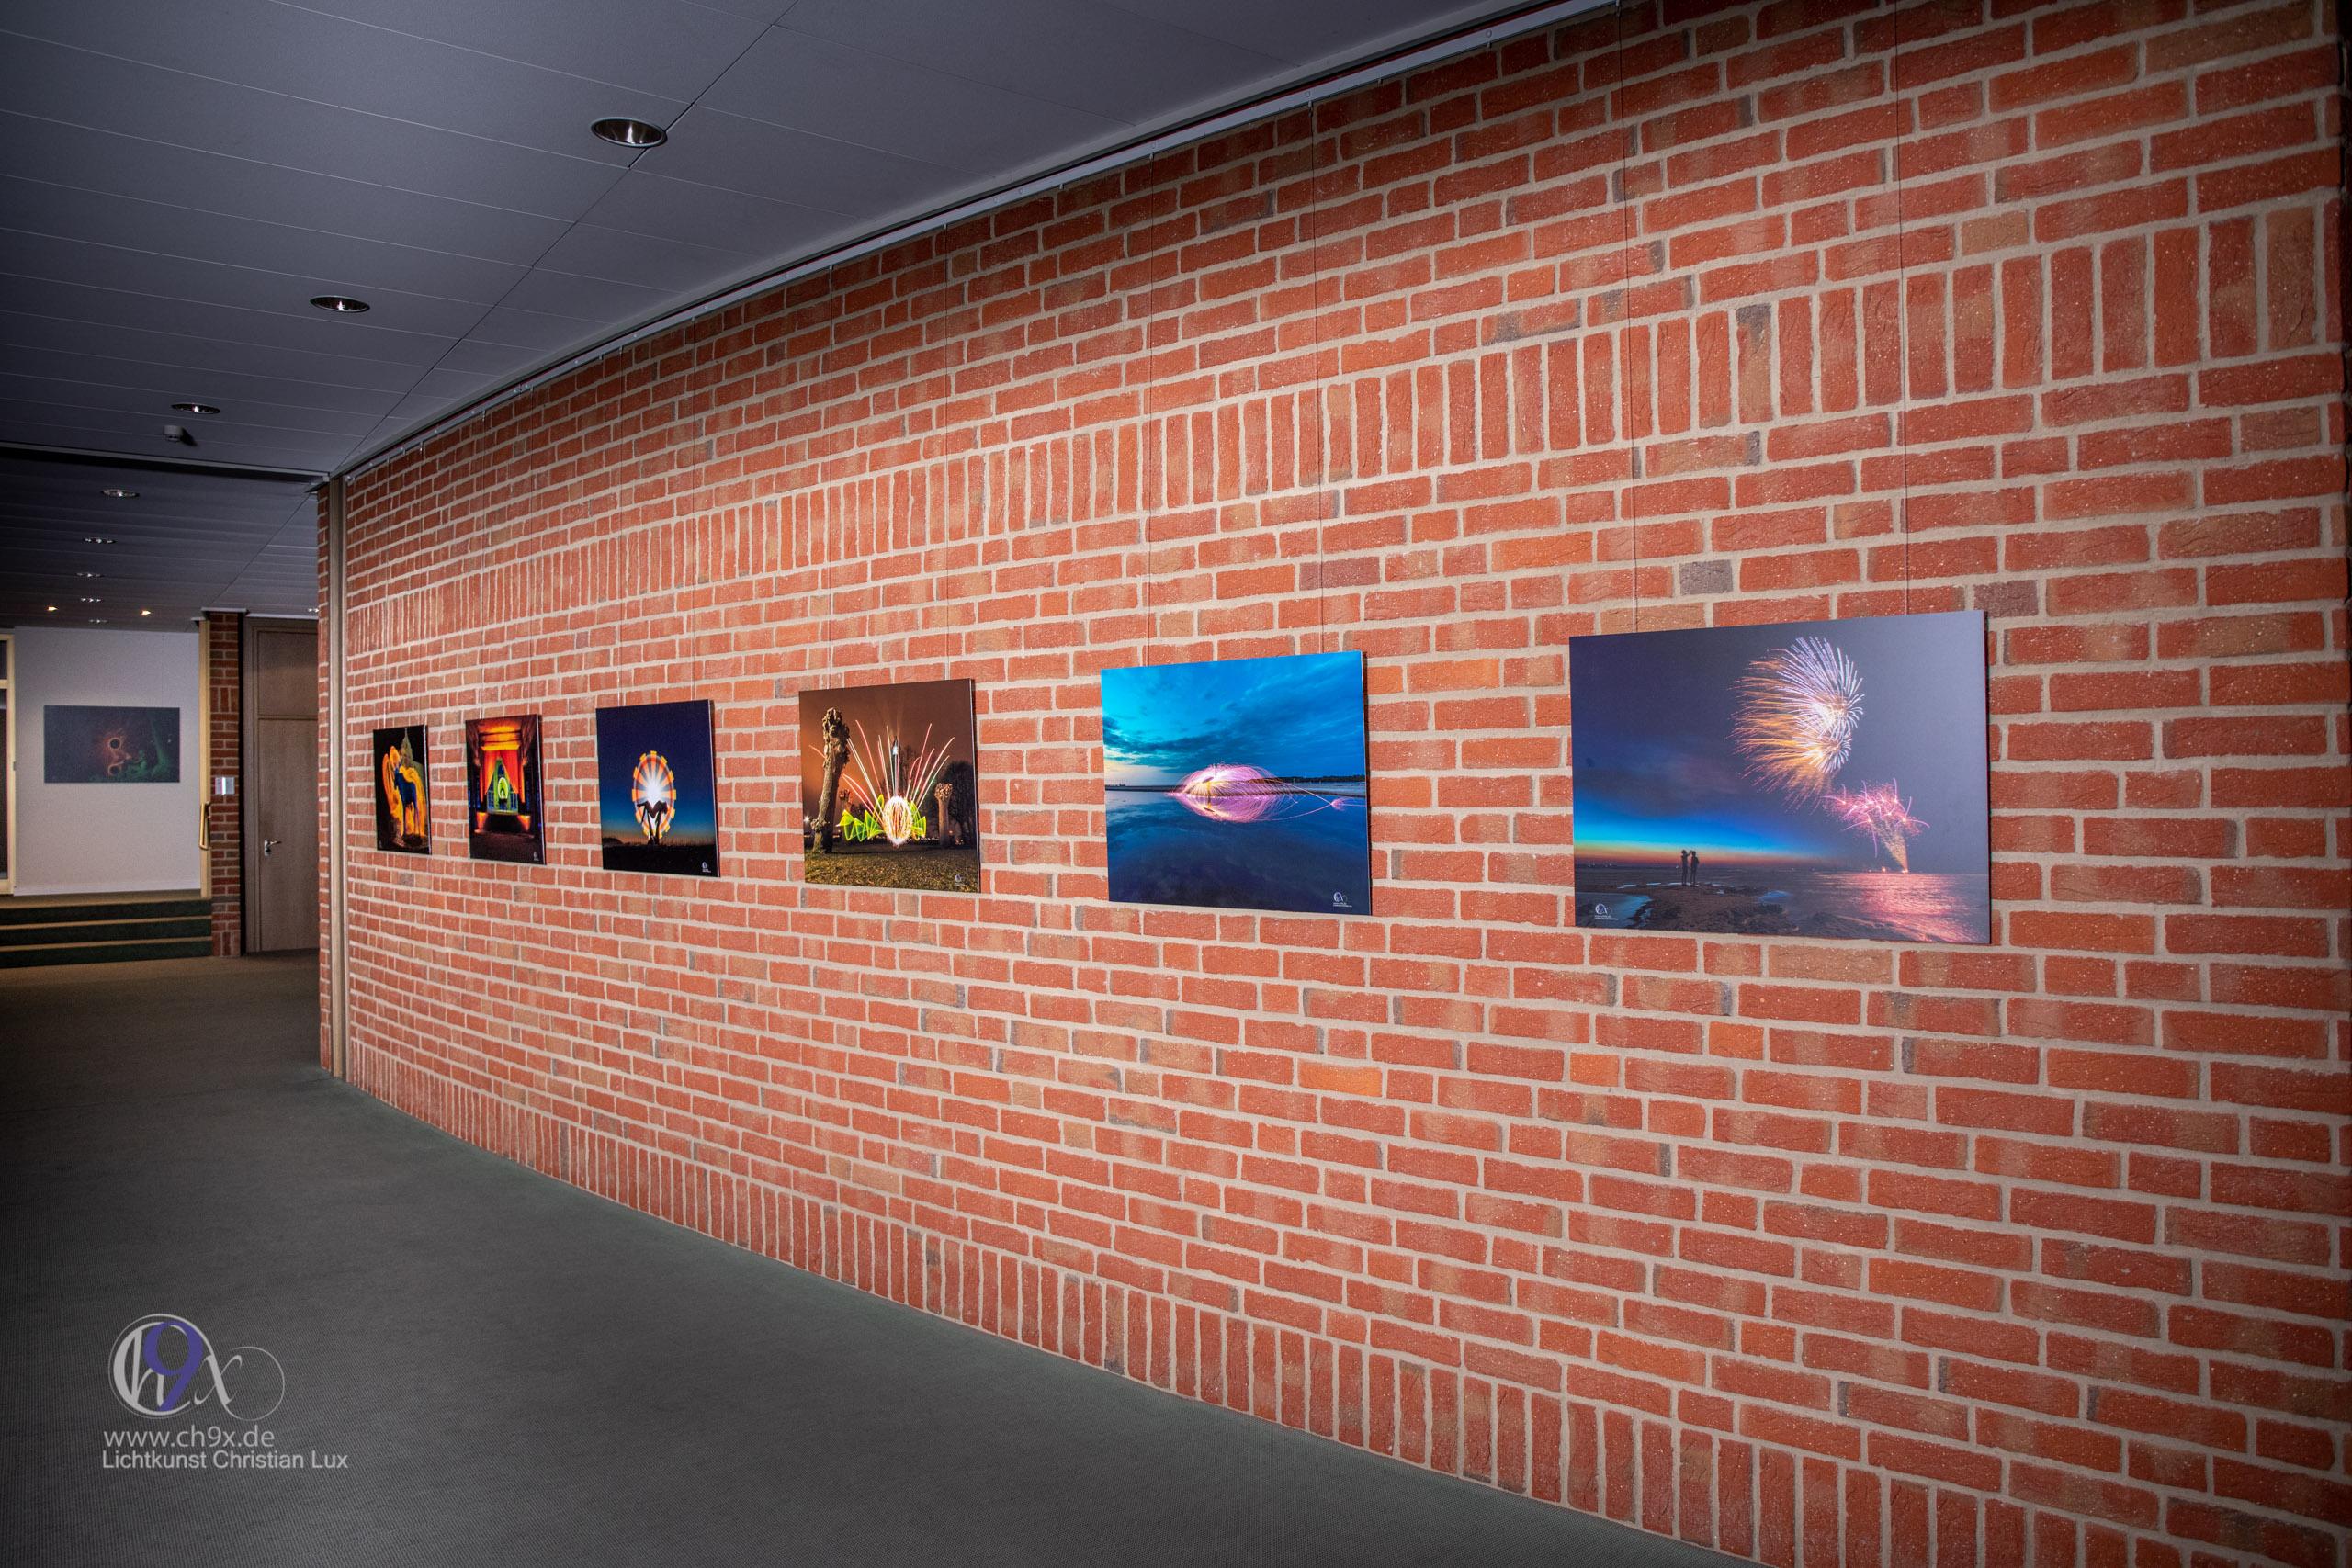 Lichtmalerei trifft auf Kunst in Schleswig-Holstein – Das Video